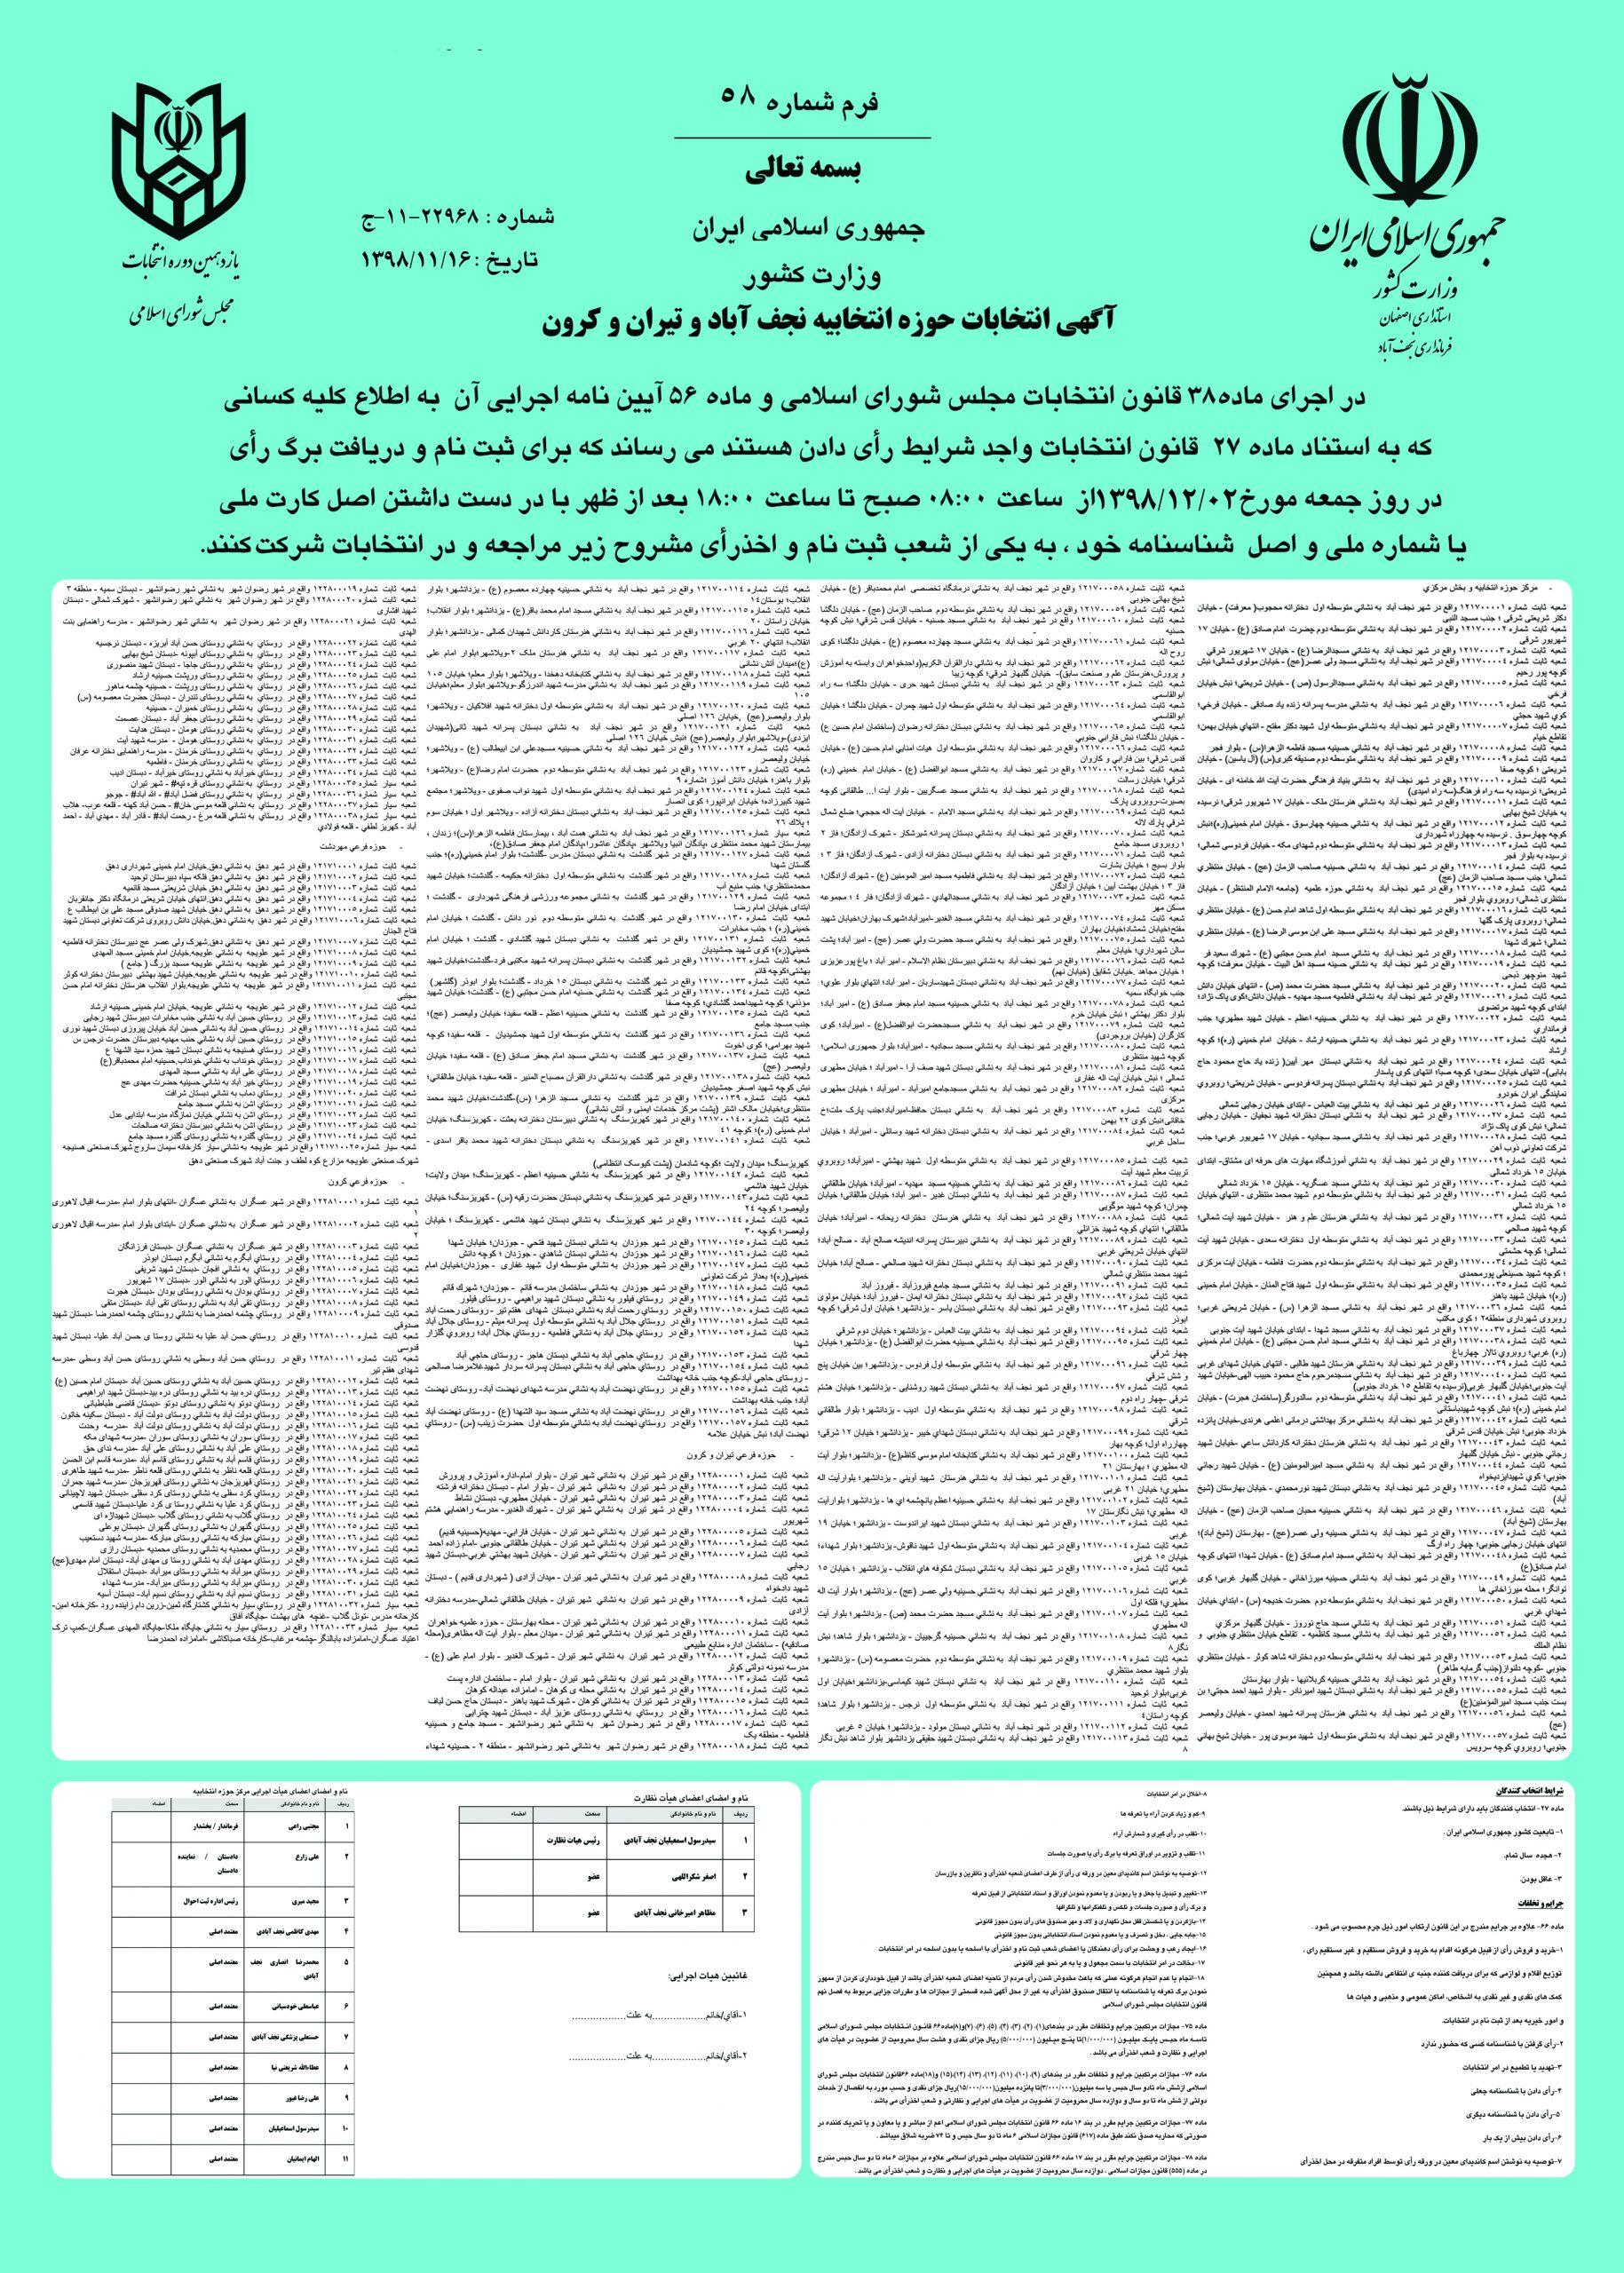 نشانی شعب اخذ رای در نجف آباد+ معرفی اعضای هیات اجرایی و نظارت